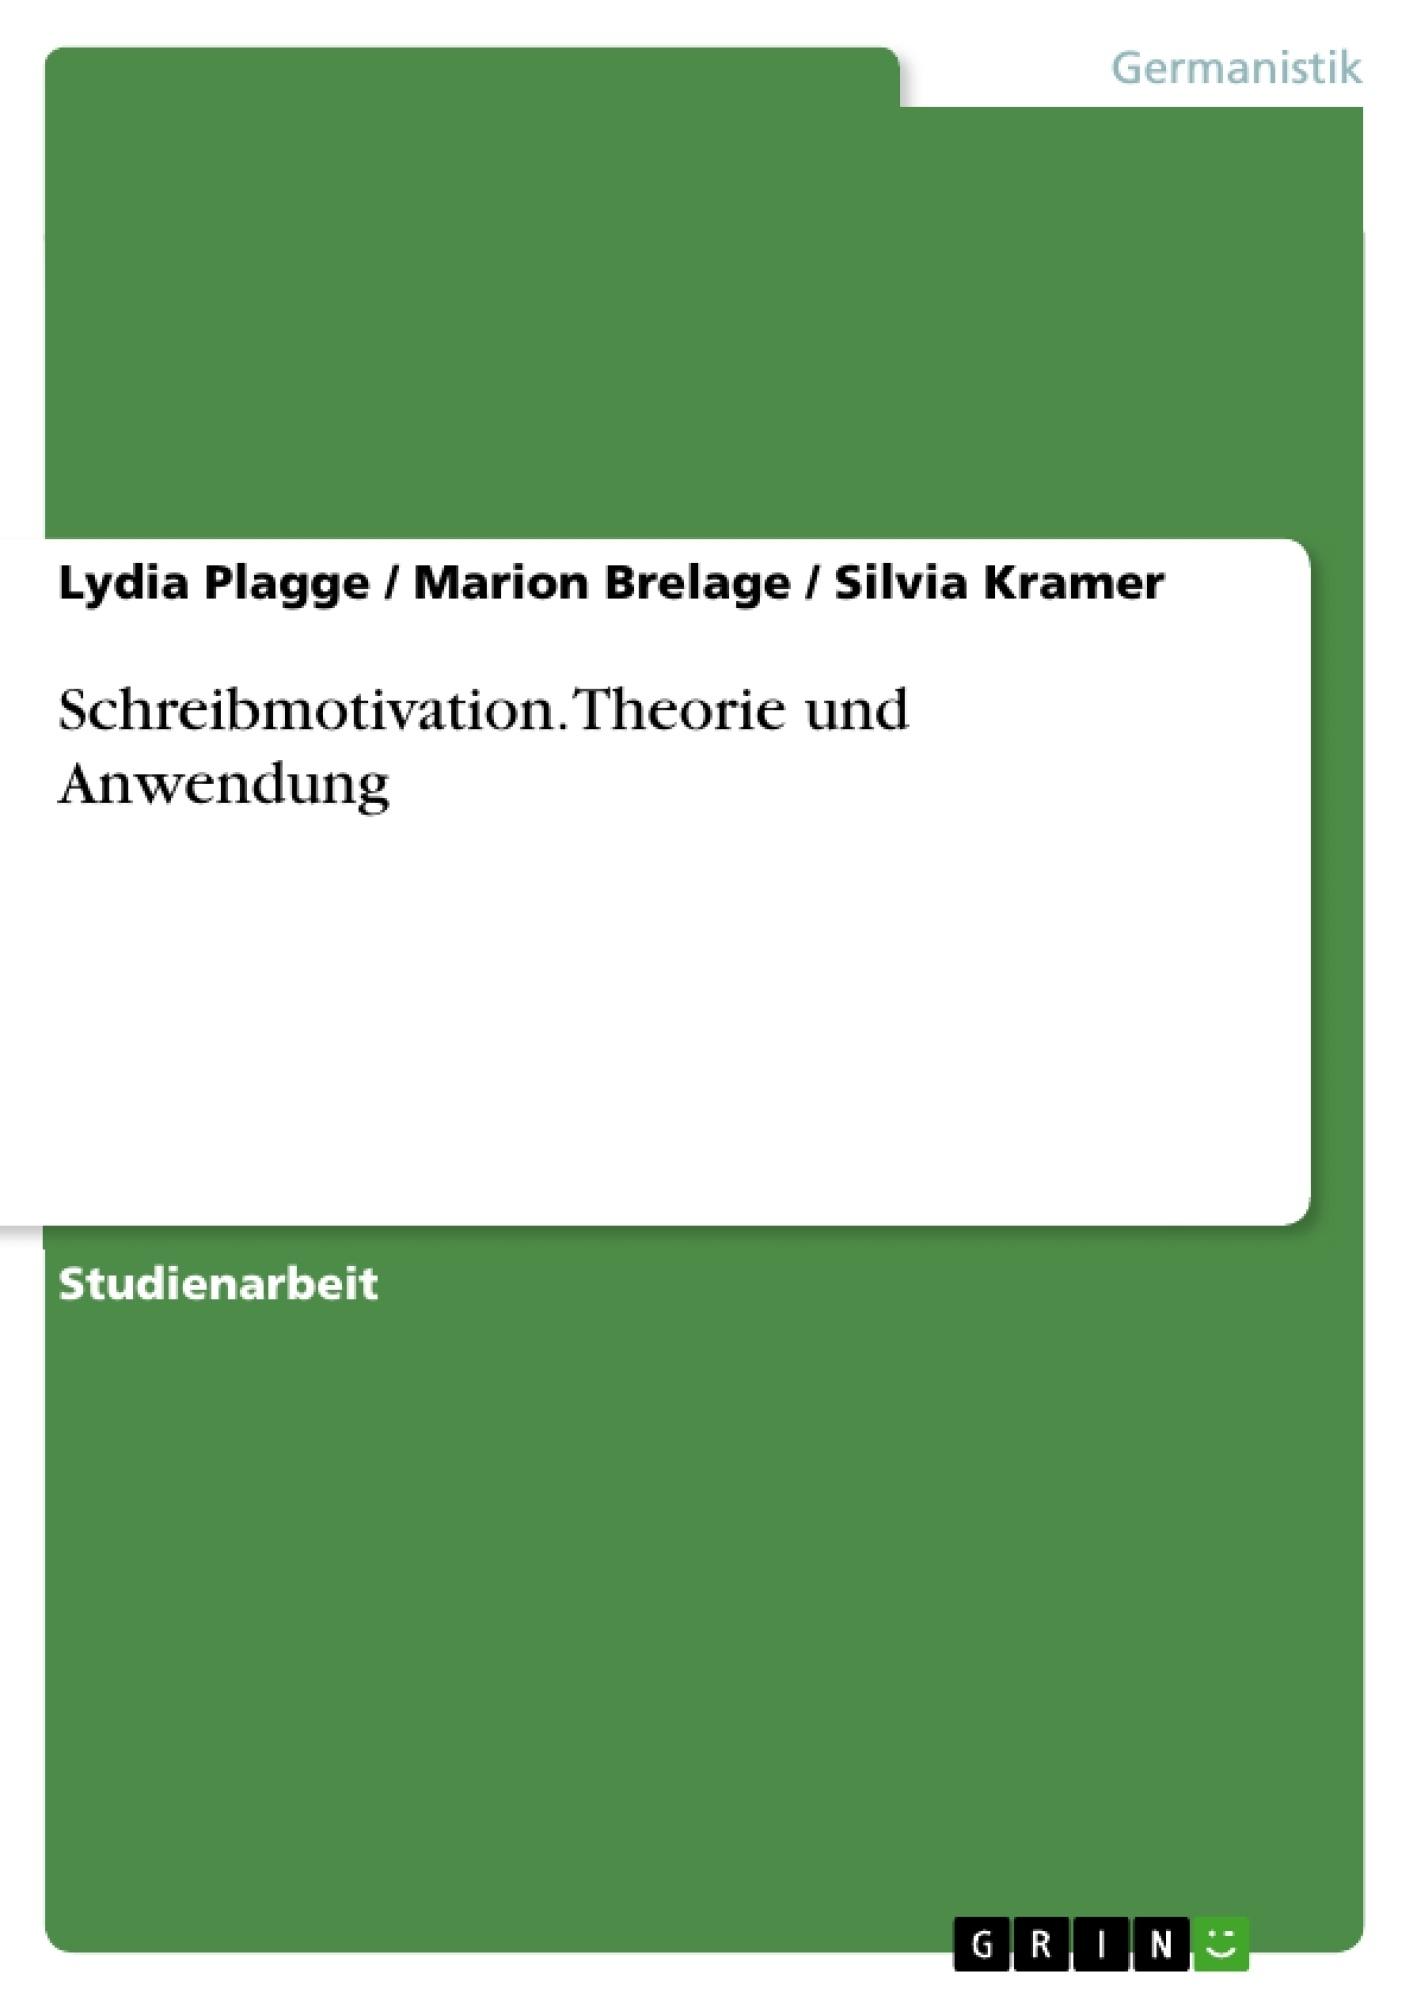 Titel: Schreibmotivation. Theorie und Anwendung